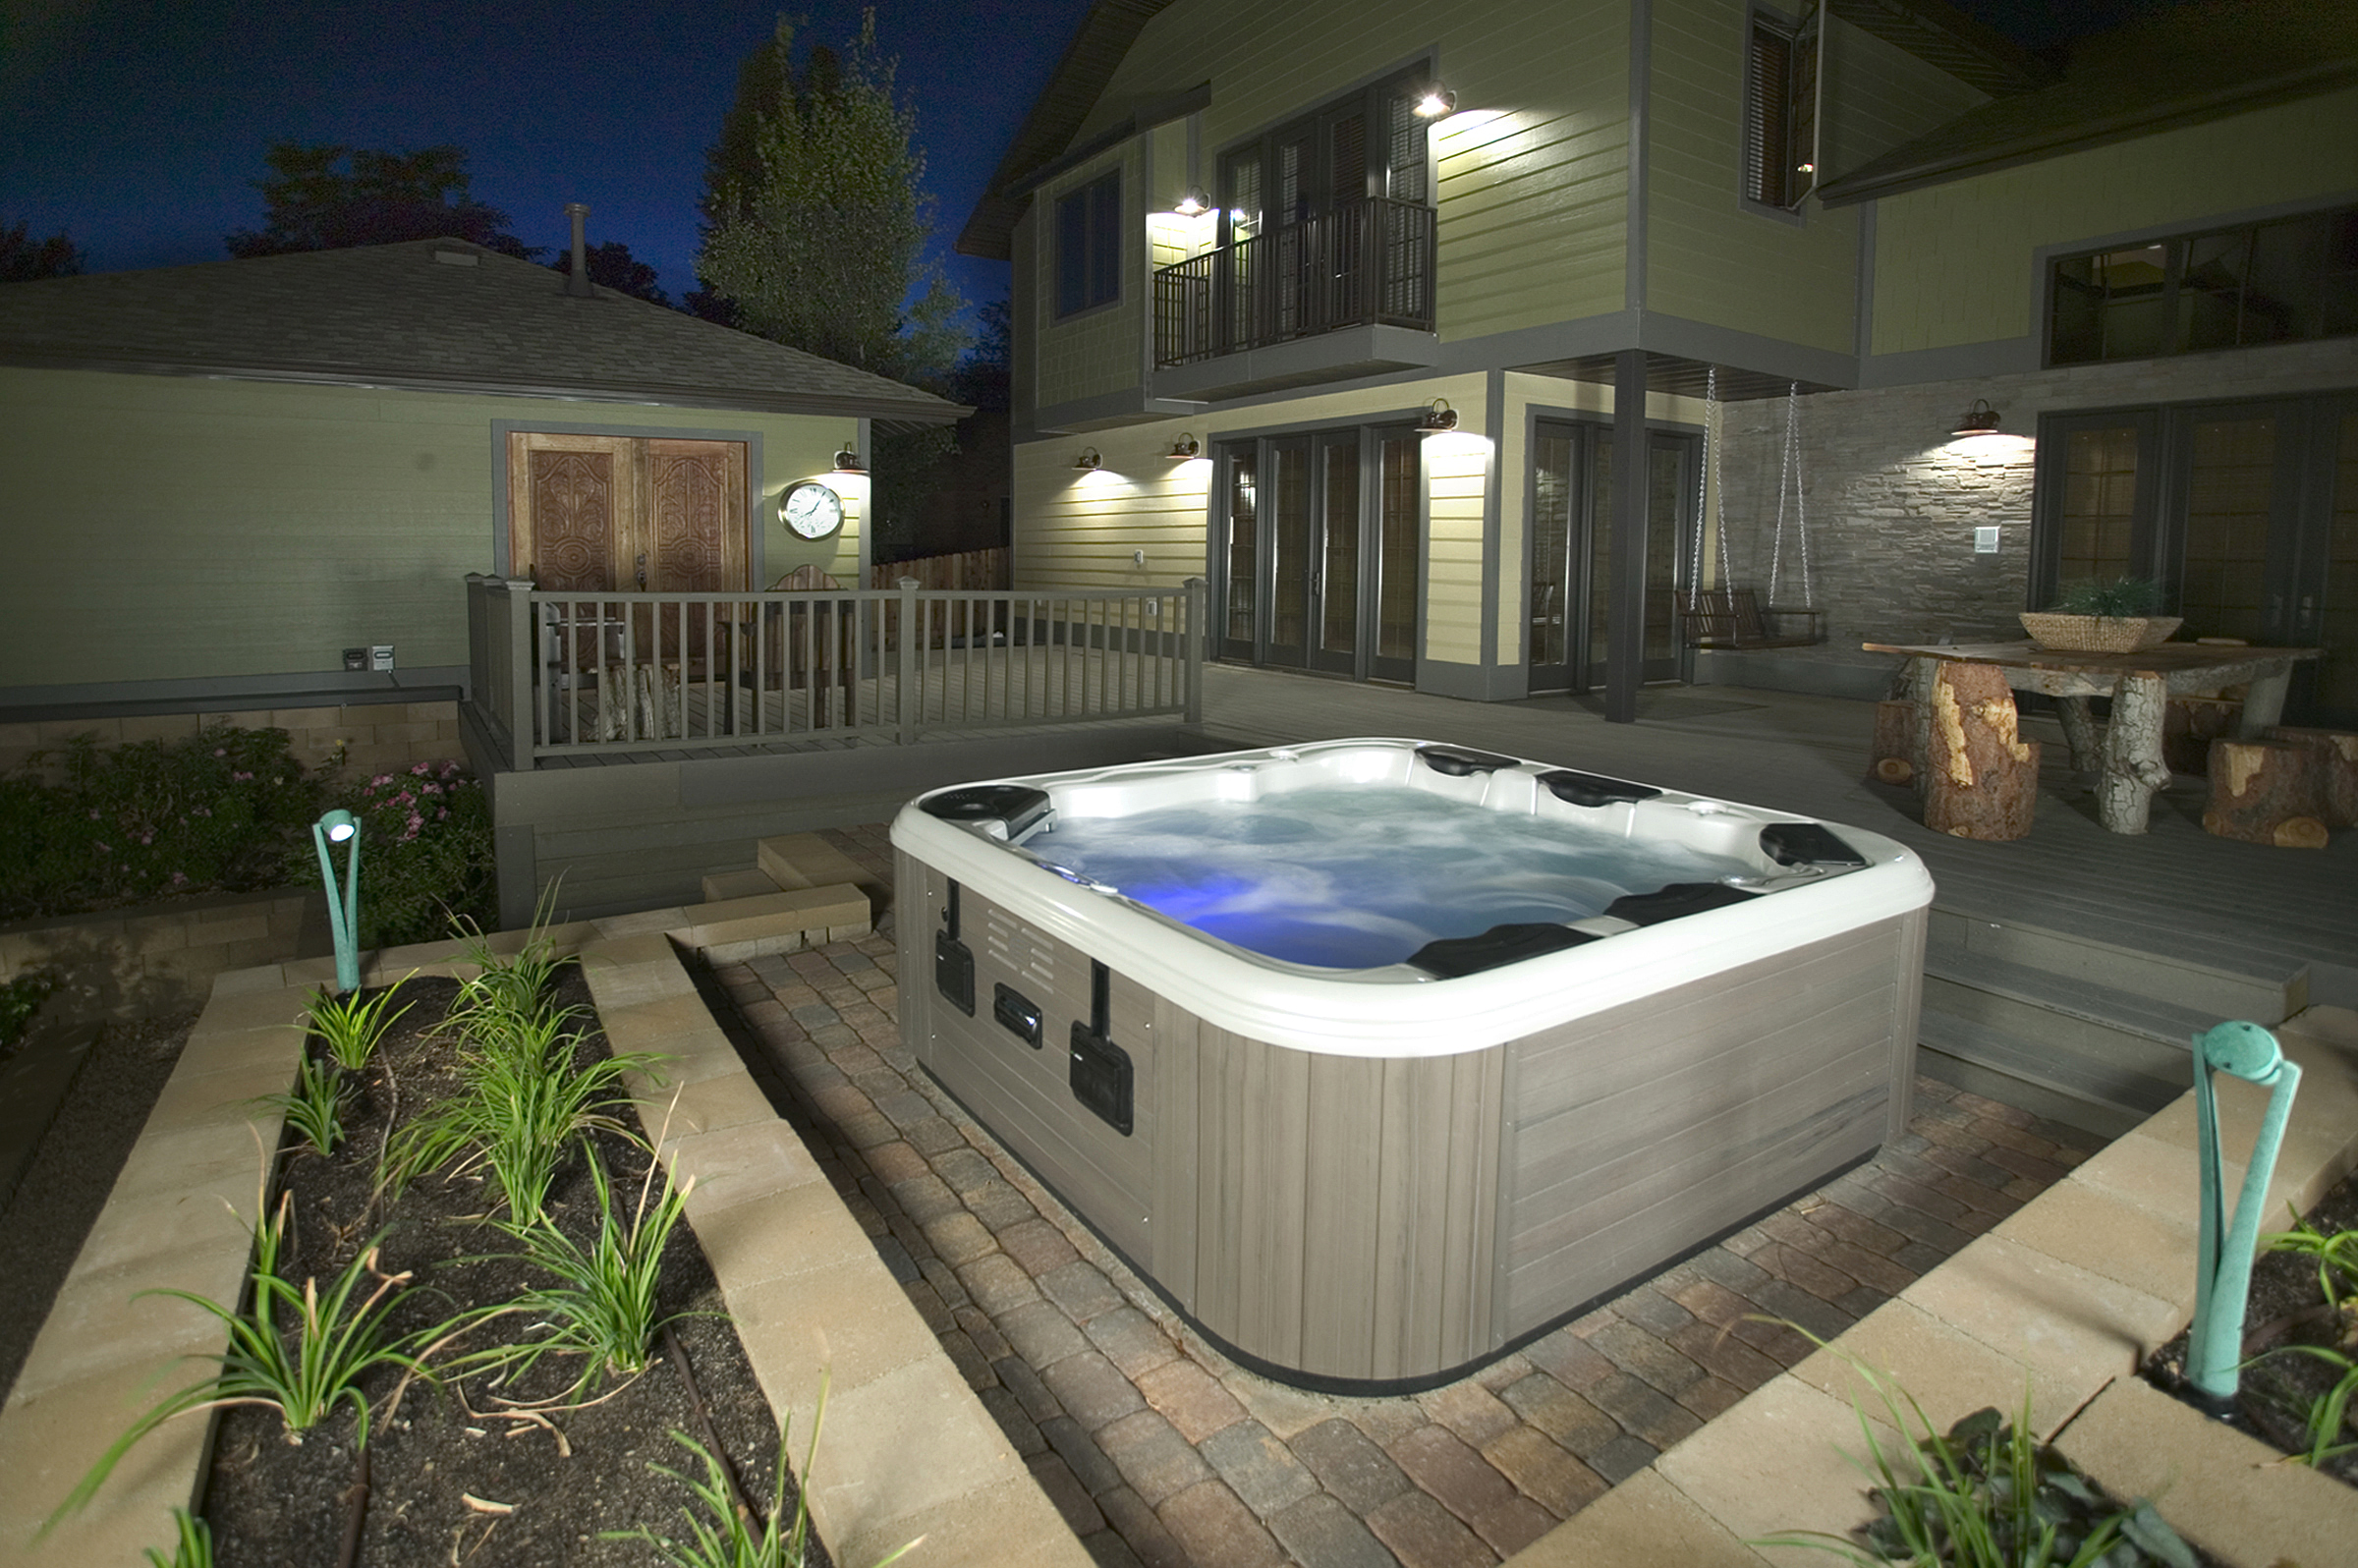 hot tub hottubfireplace. Black Bedroom Furniture Sets. Home Design Ideas